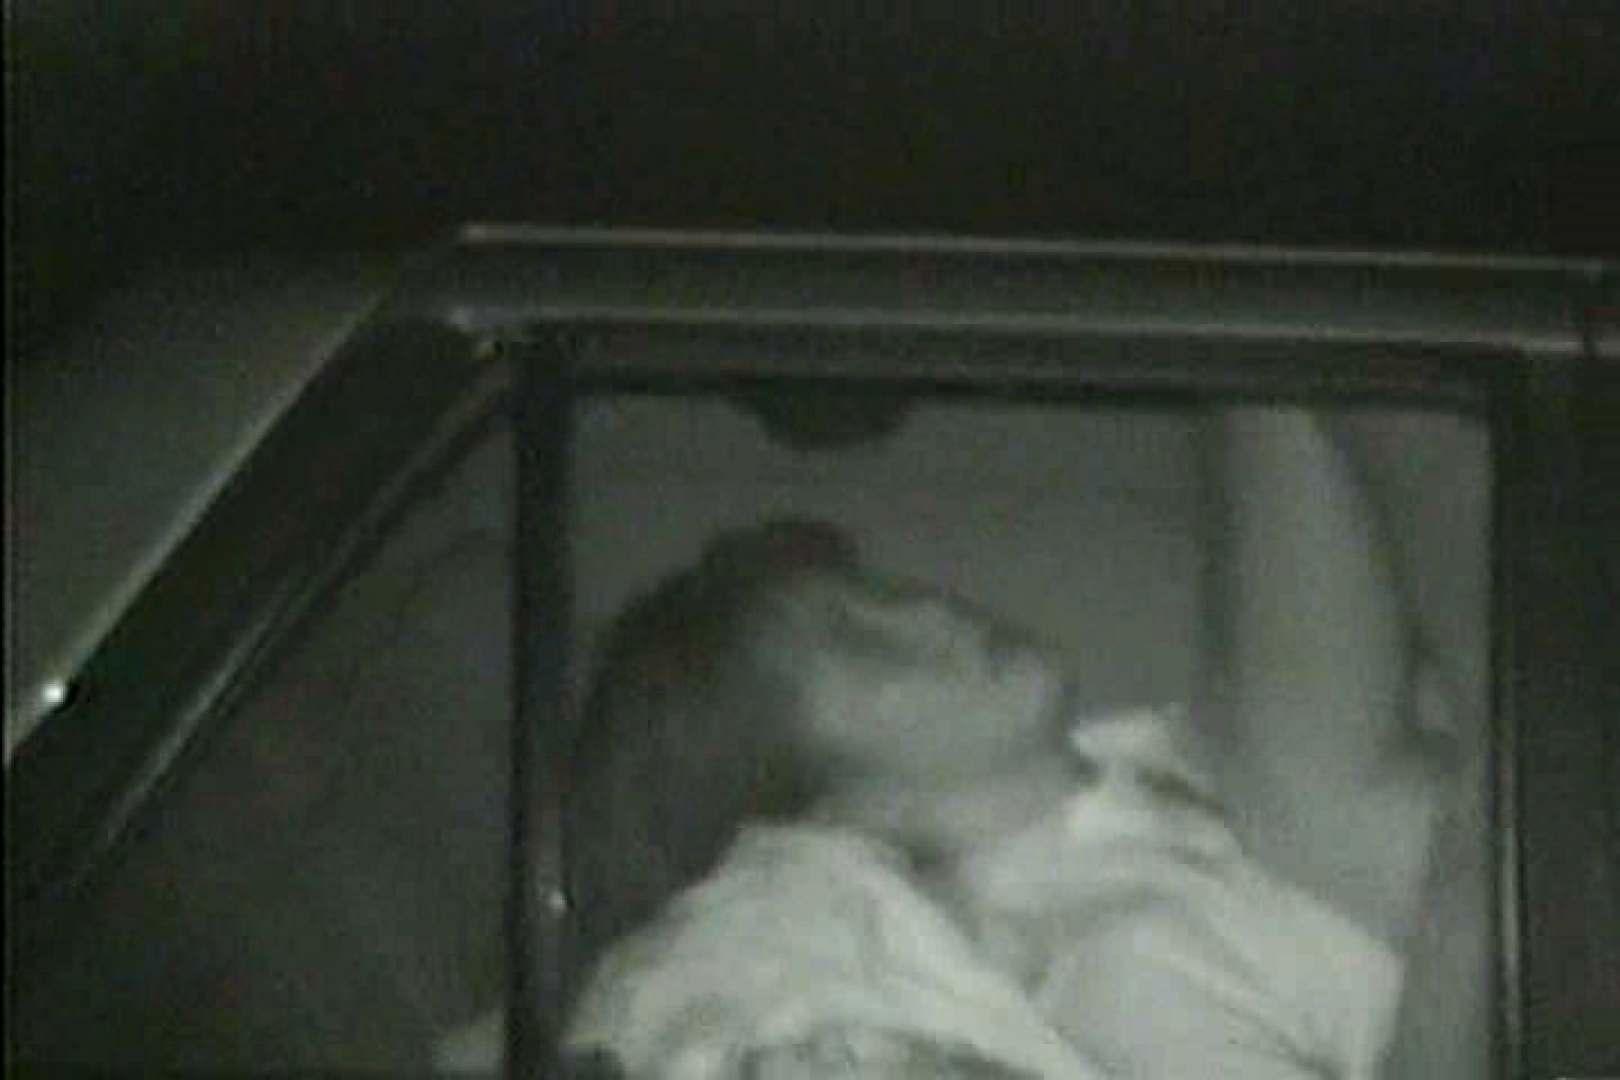 車の中はラブホテル 無修正版  Vol.10 望遠 盗み撮り動画キャプチャ 87pic 5